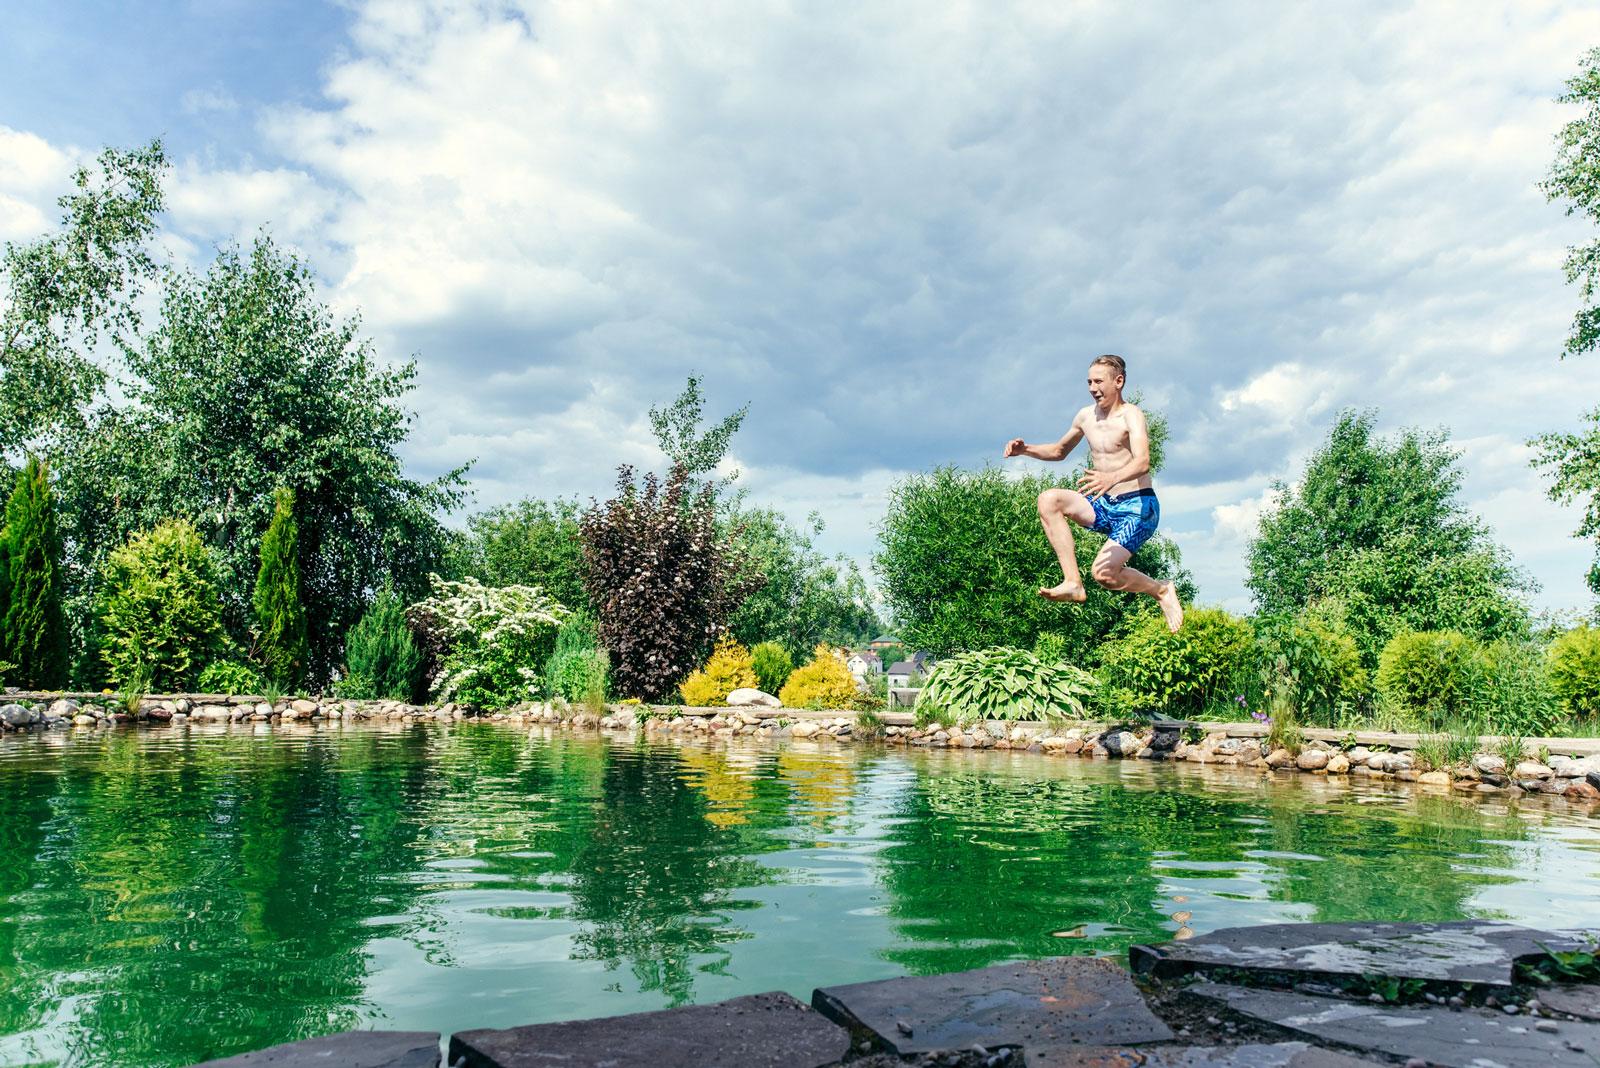 Für Naturliebhaber: Ein Schwimmteich ist die perfekte Mischung aus Swimmingpool und Gartenteich.